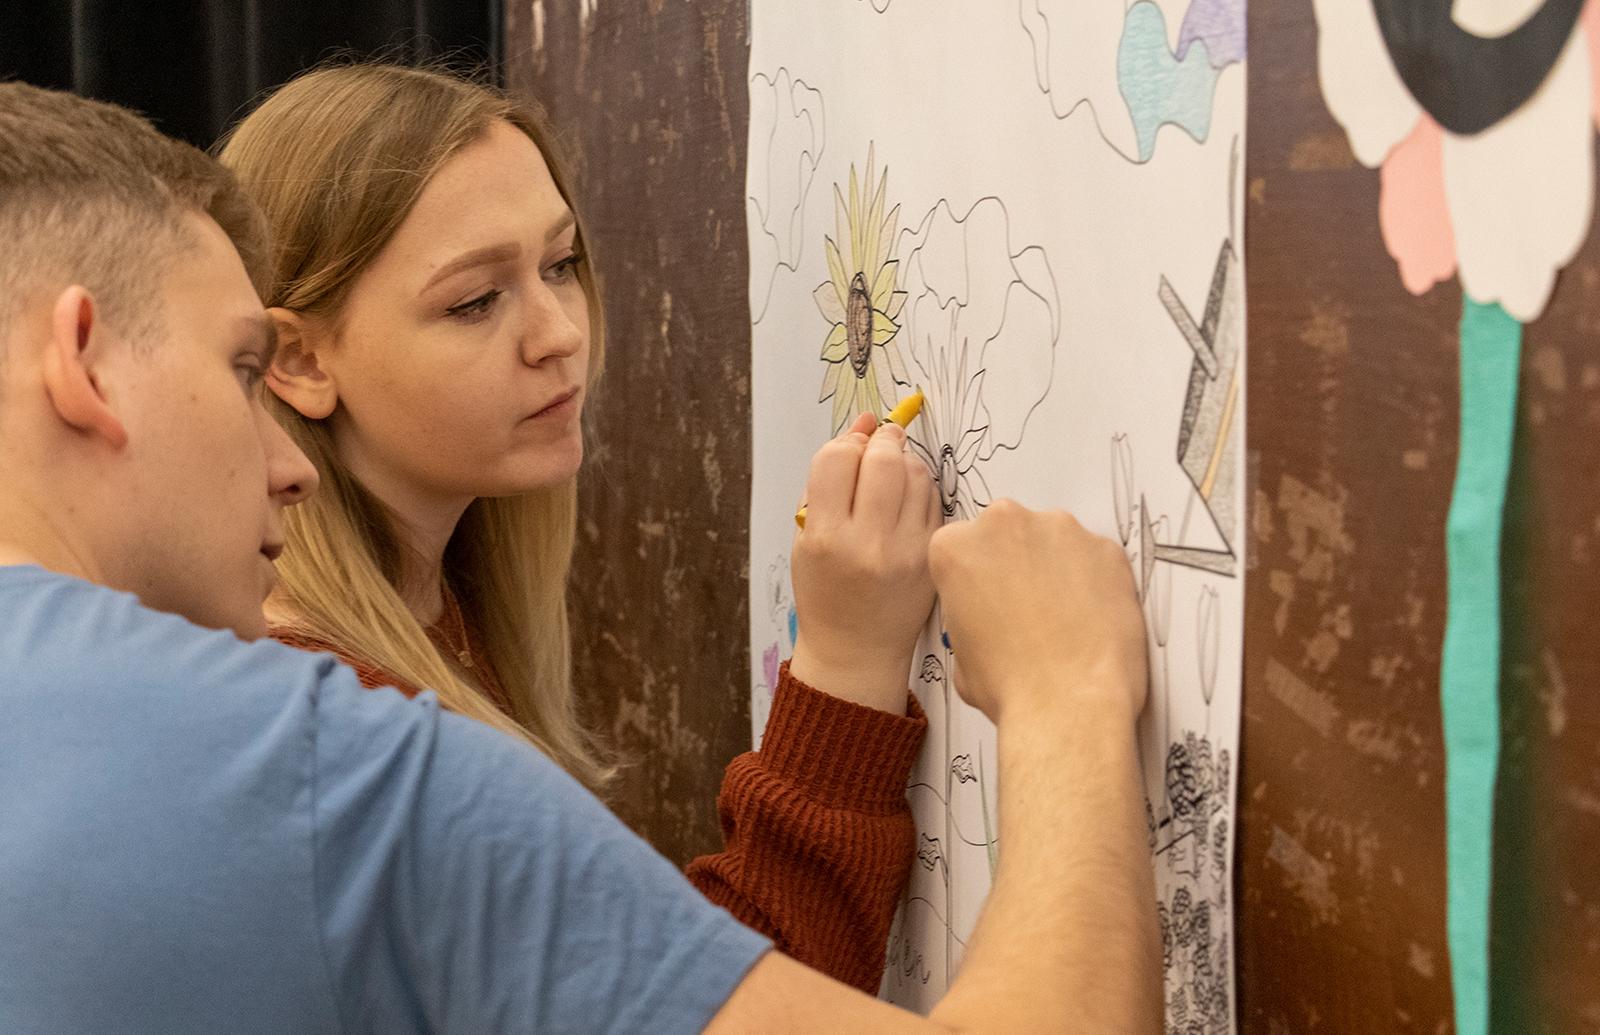 Man and woman drawing at Fresh Check Day